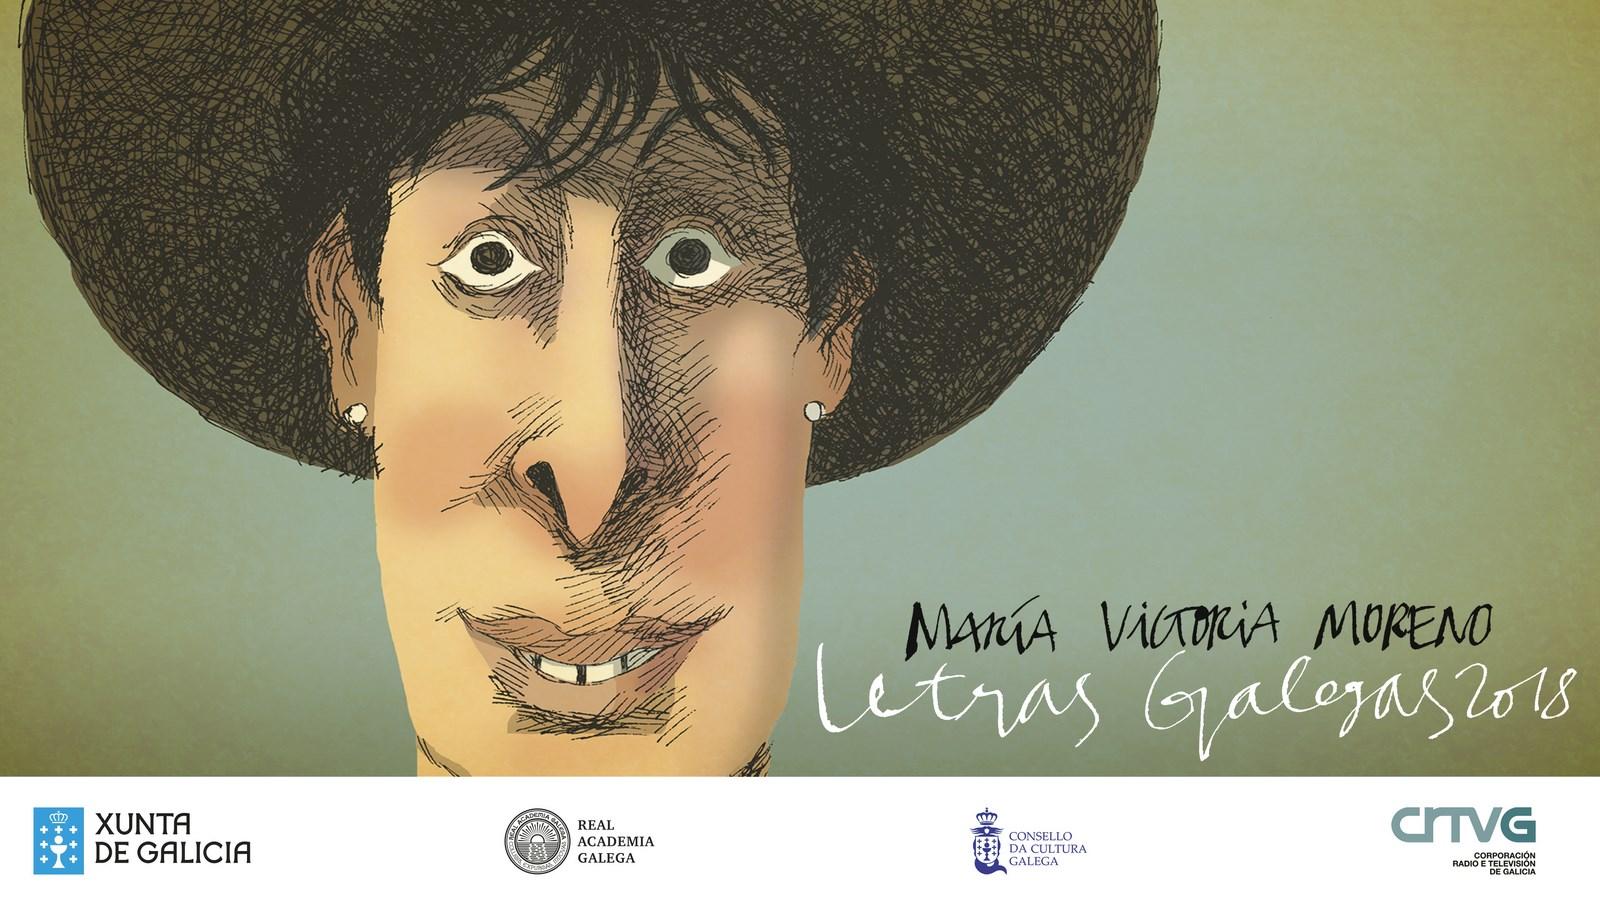 David Pintor comisaría a exposición dedicada a María Victoria Moreno